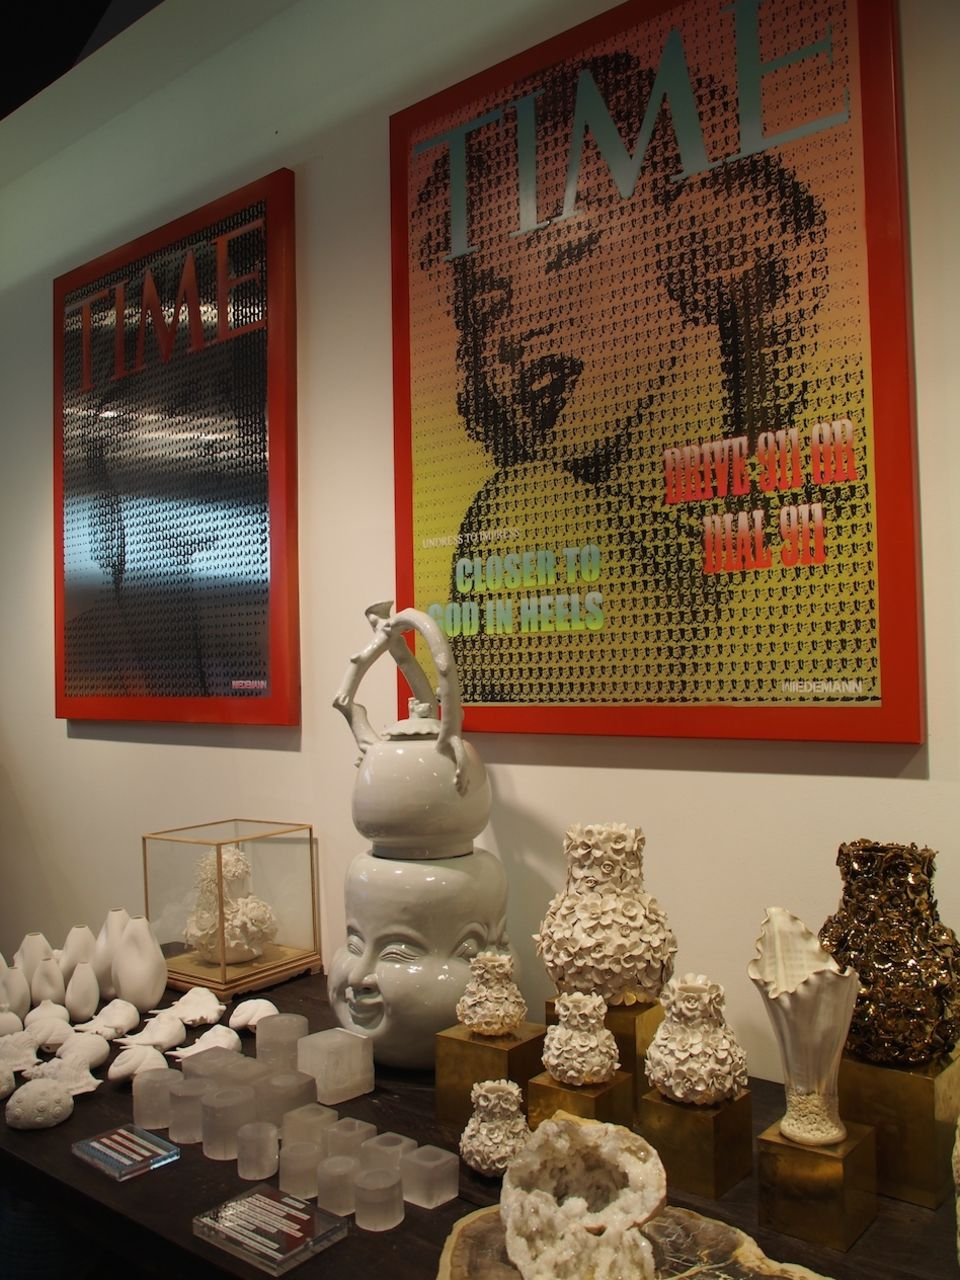 Werke von Maximilian Wiedemann, die in der Boutique von Kamyar Moghadam ausgestellt werden.